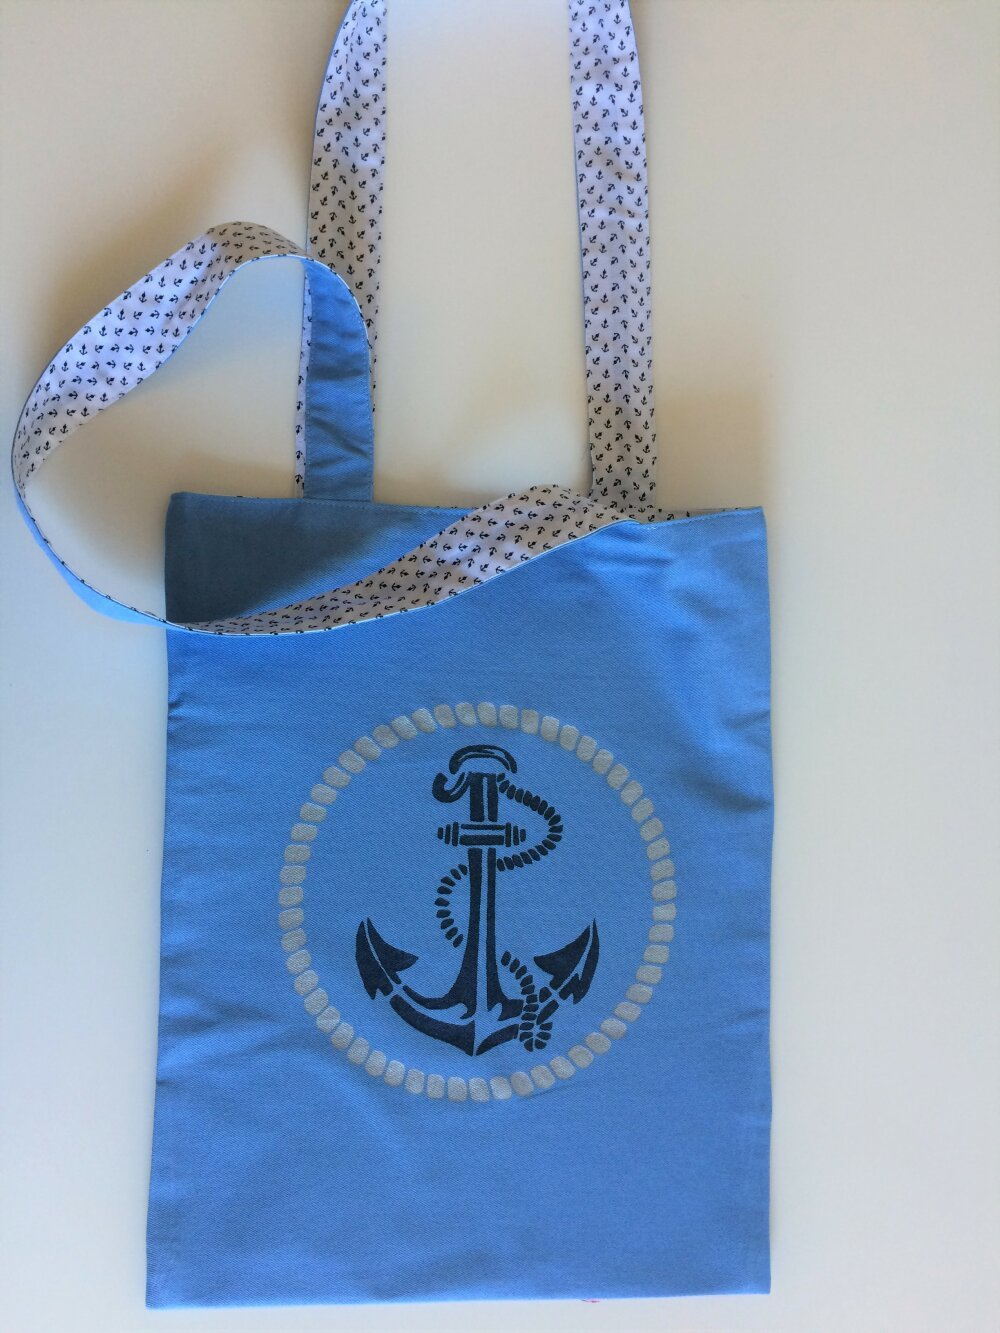 sac bandoulière, tote bag avec pochoir  ancre et cordage sur fond bleu